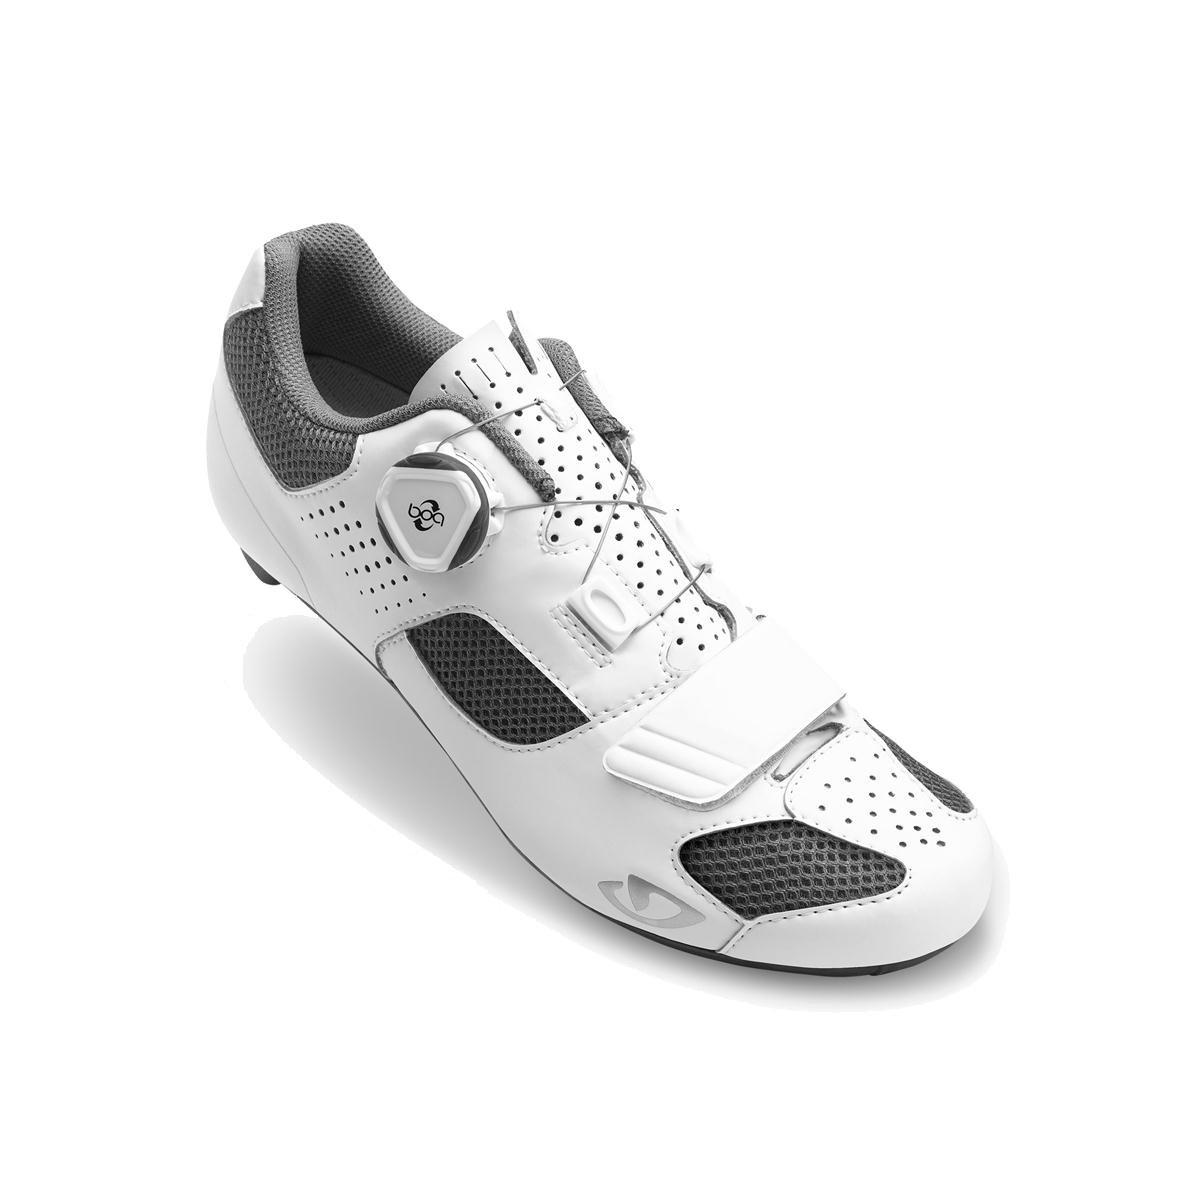 Giro Espada Boaサイクリング靴 – Women 's B075RNM62V 40.5 M EU|ホワイト/シルバー ホワイト/シルバー 40.5 M EU